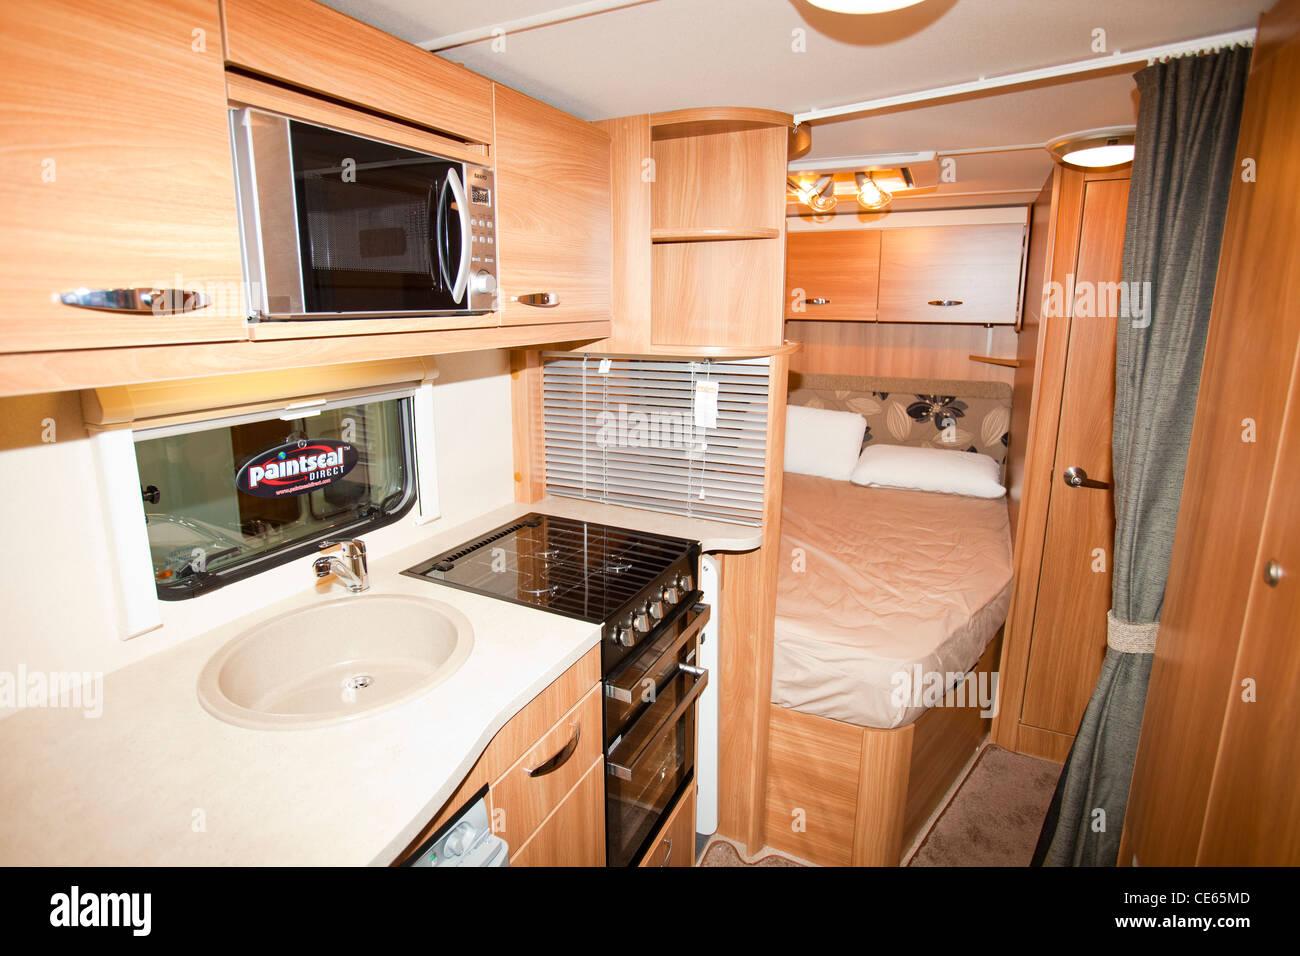 Holiday Caravan Interior Stockfotos & Holiday Caravan Interior ...